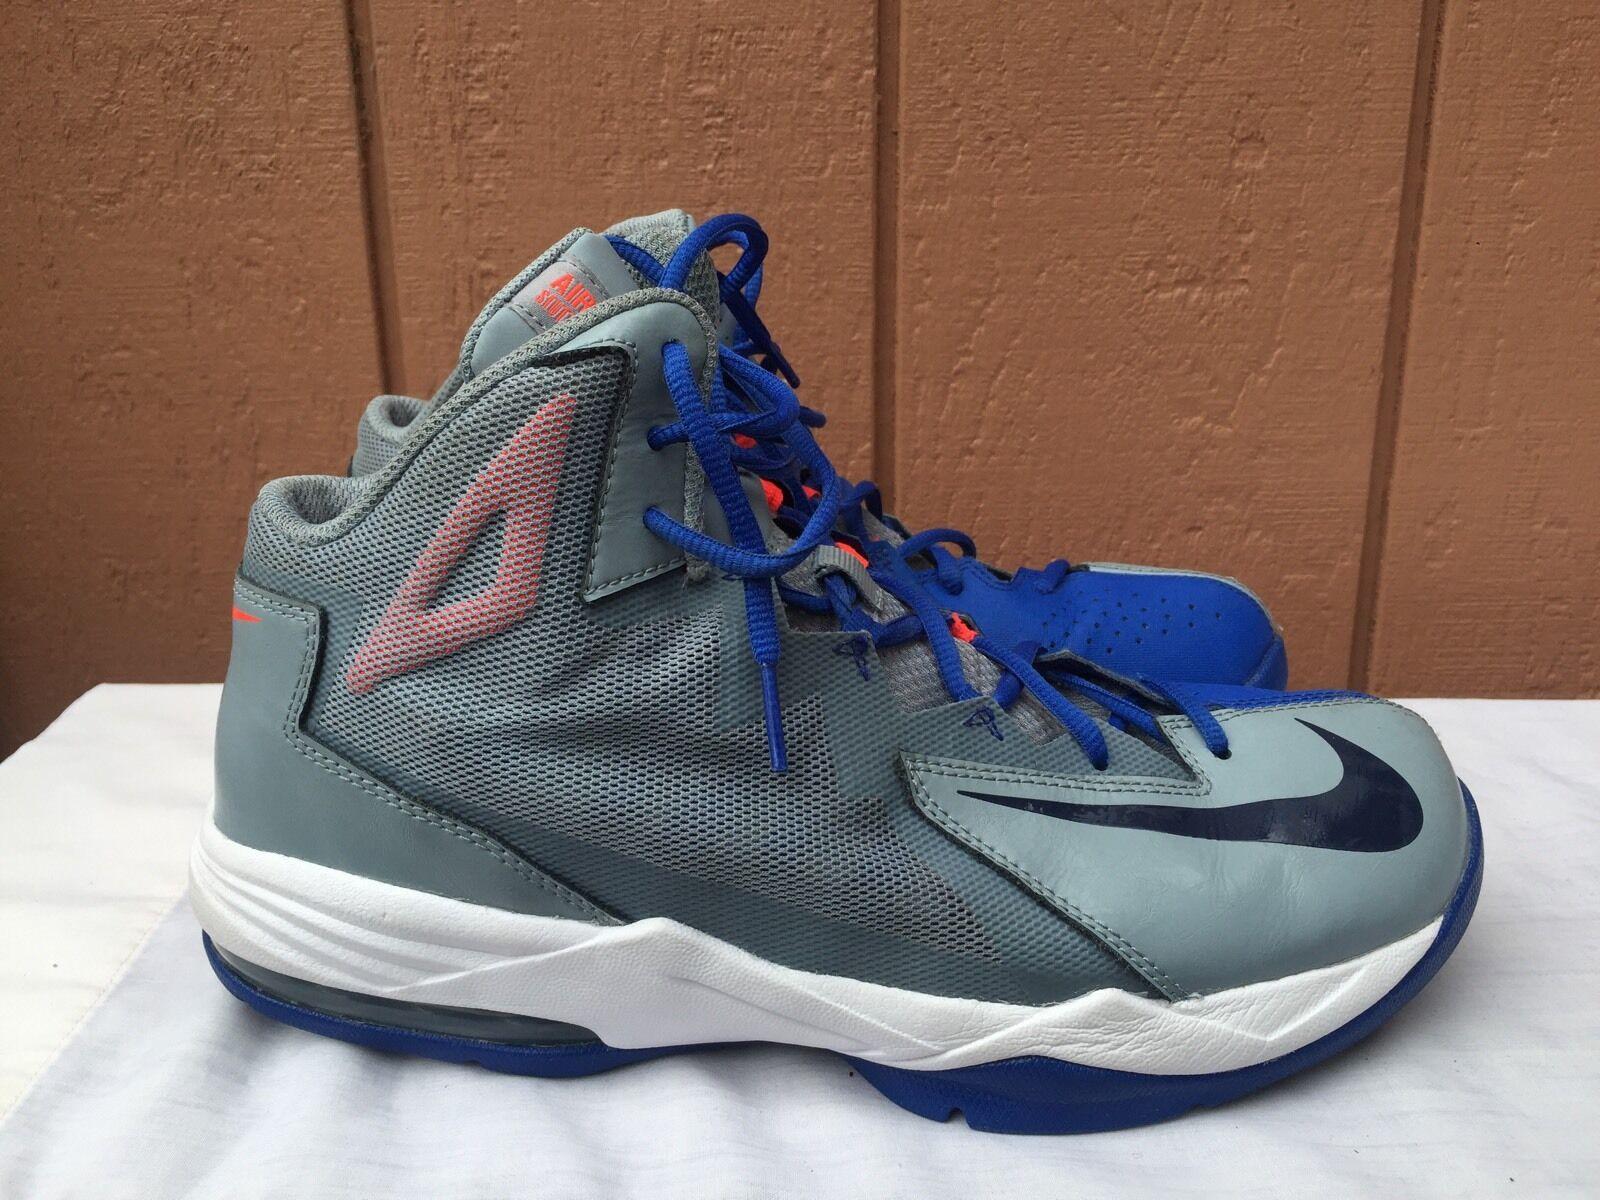 EUC hombre nike air max tartamudean paso 2 653455 zapatillas de baloncesto 653455 2 008 nosotros reduccion de precio 674122